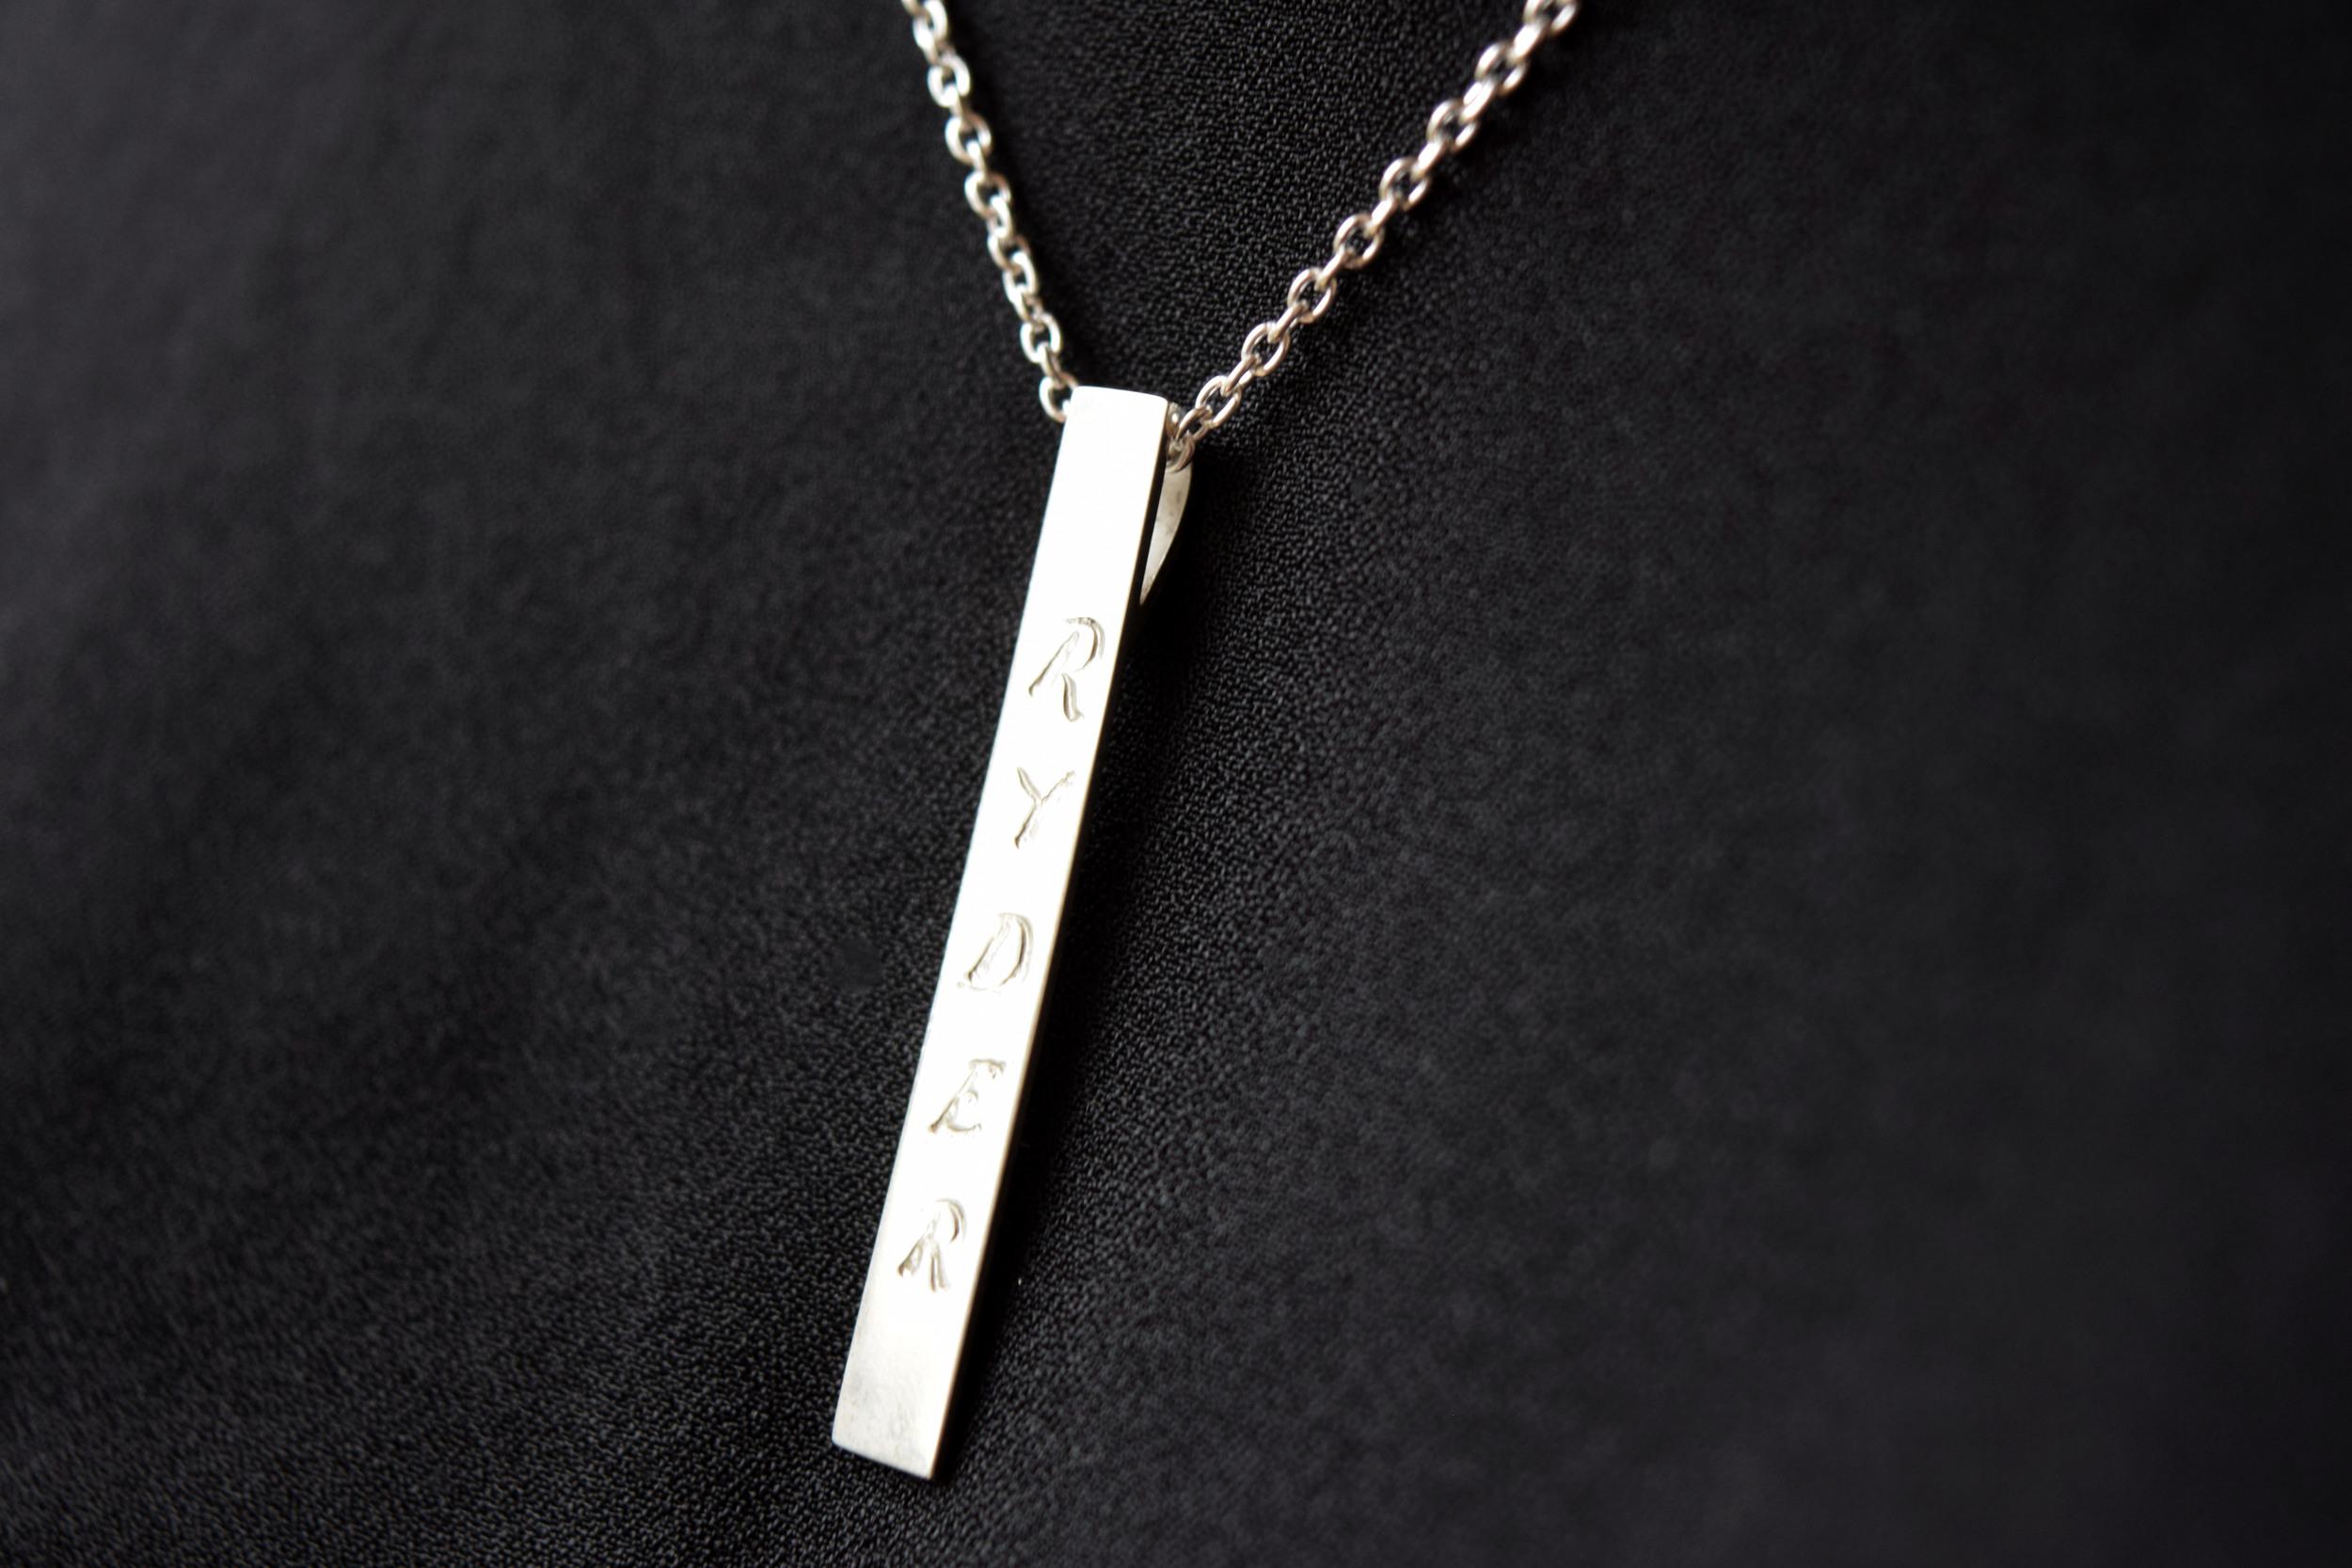 Ryder necklace commission 01edit.jpg